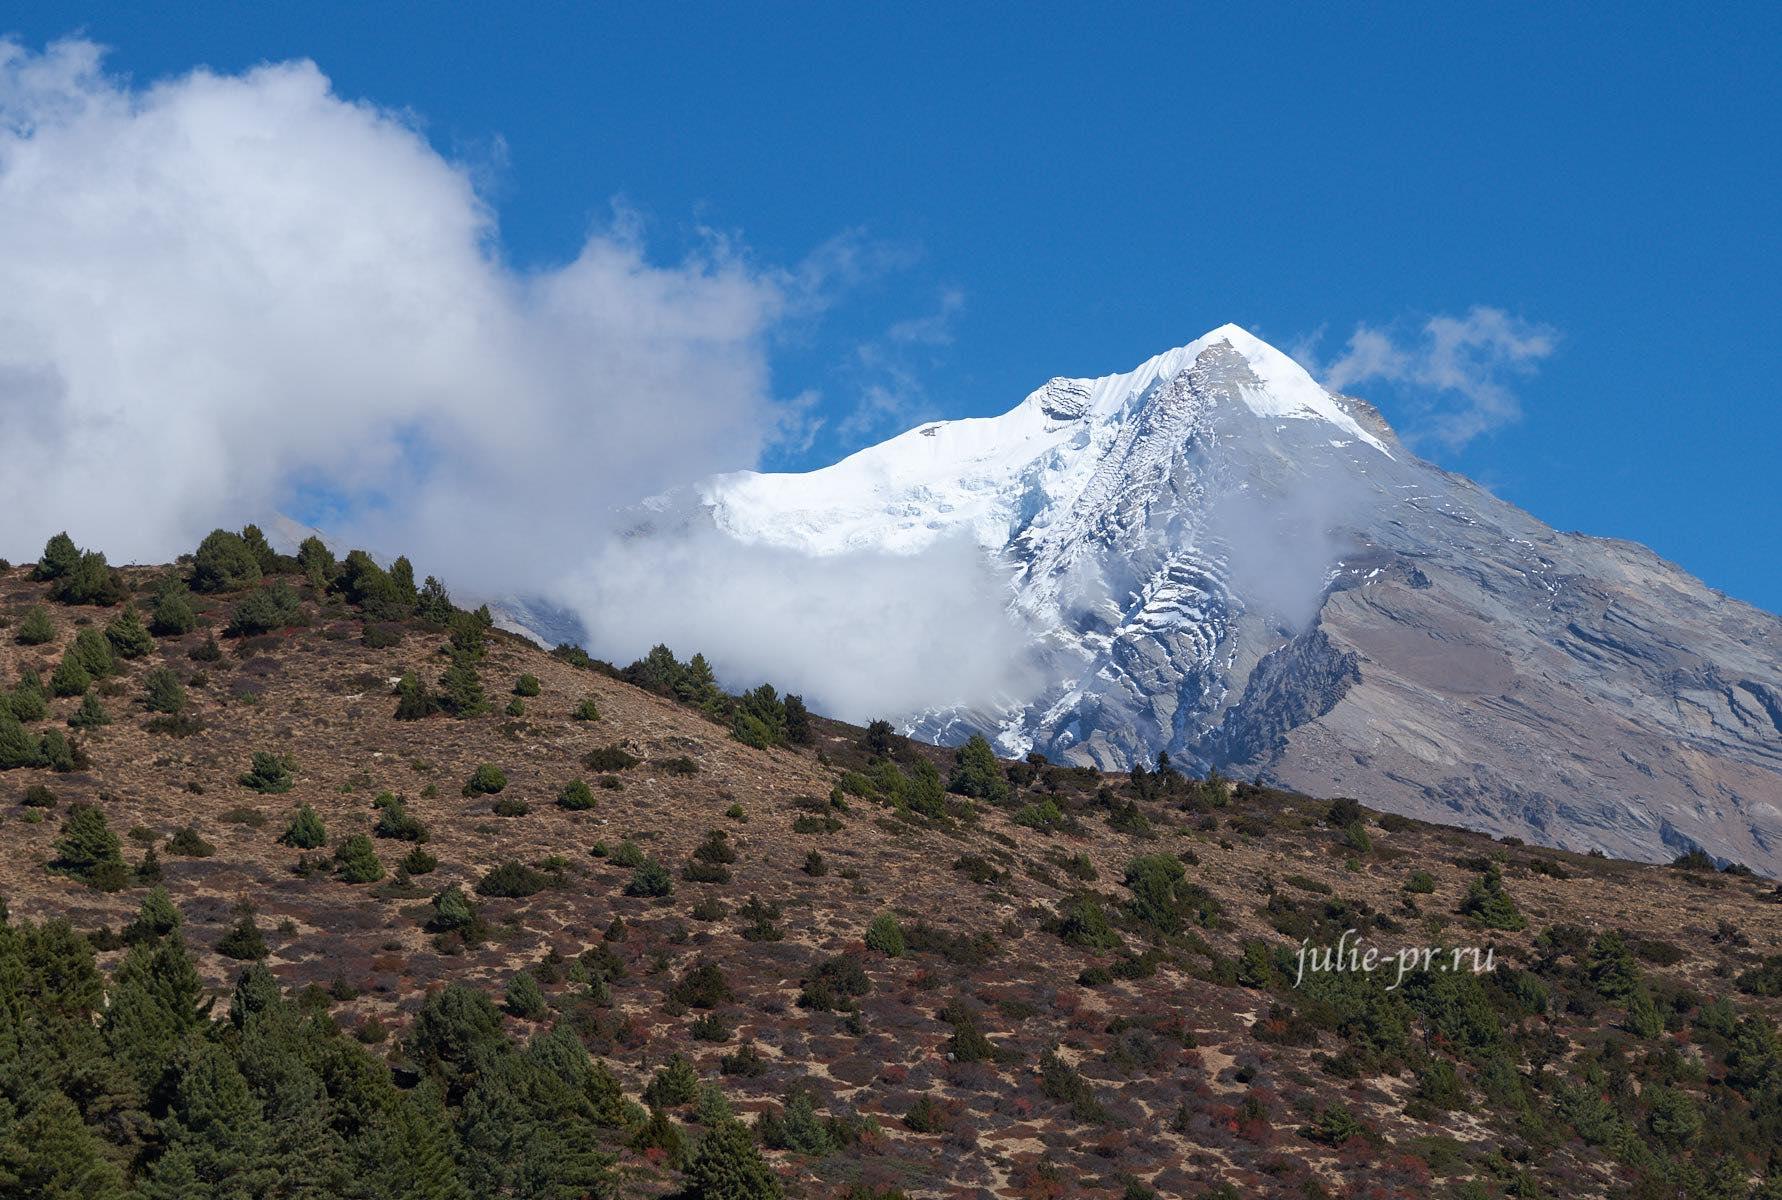 Непал, Трек вокруг Аннапурны, Pisang Peak